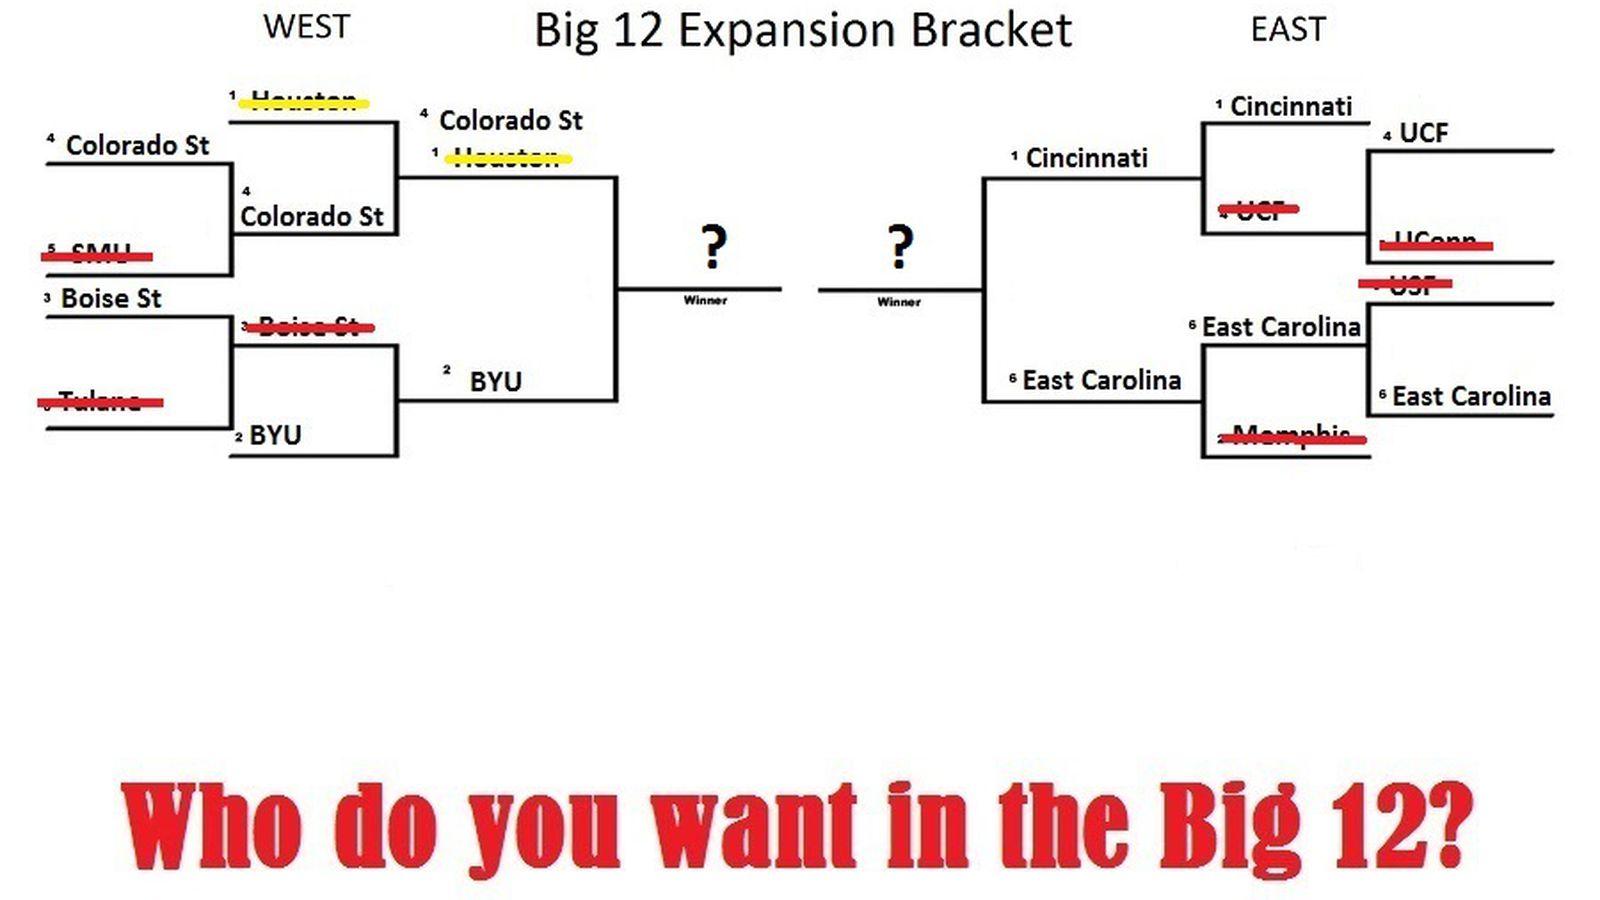 Expansionbig12.0.0